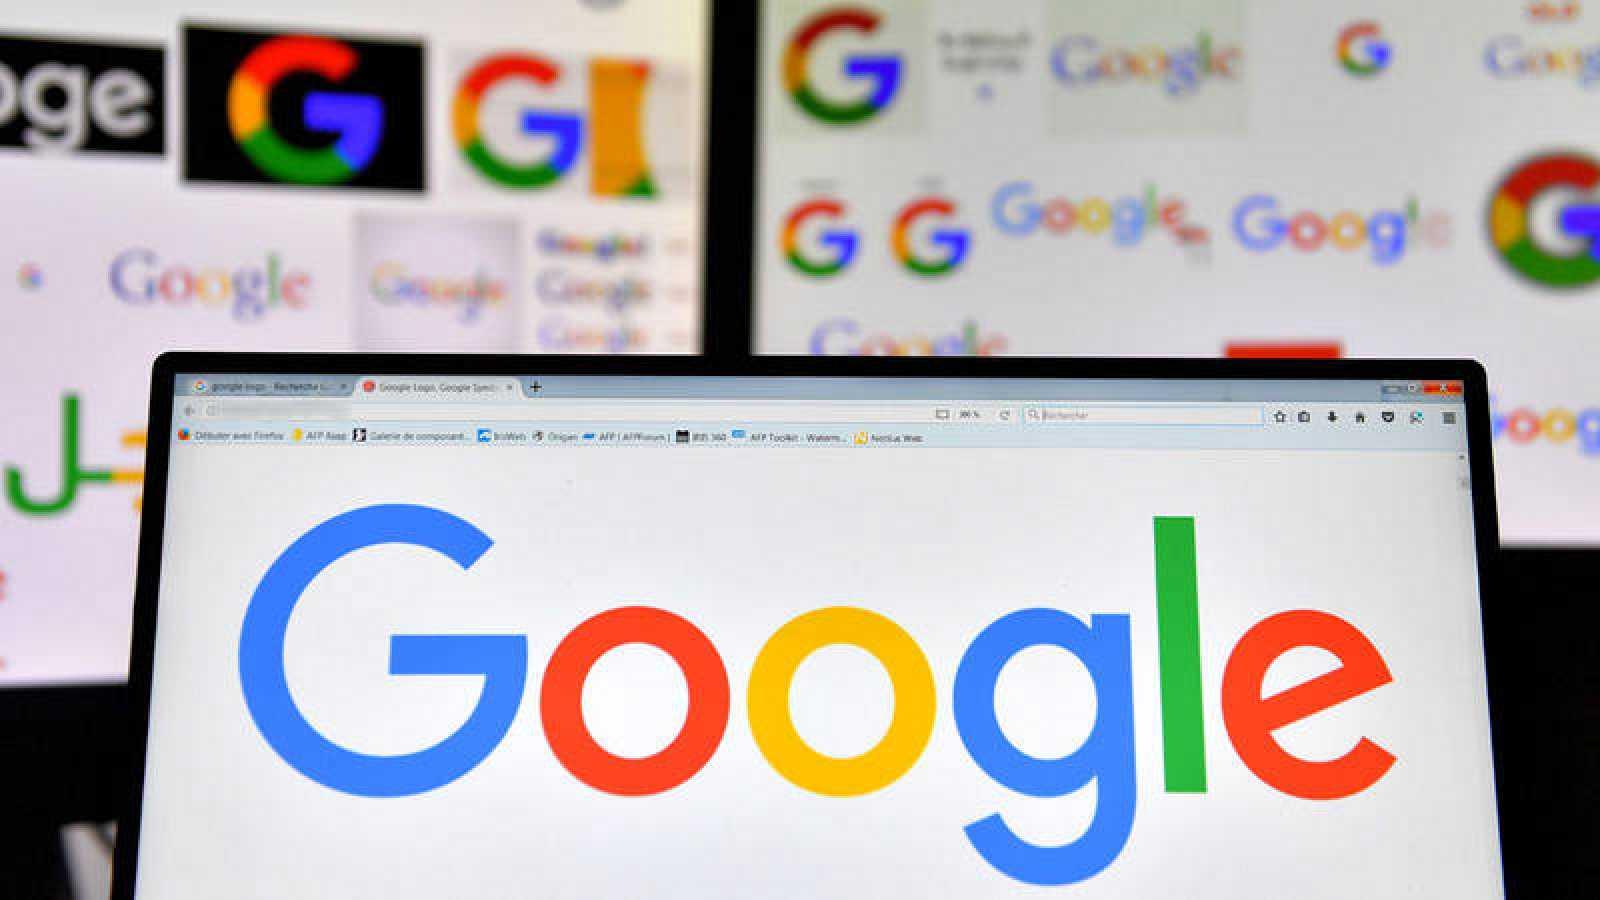 Google obtiene diariamente una ingente cantidad de datos de los usuarios que hacen uso de sus diferentes plataformas.